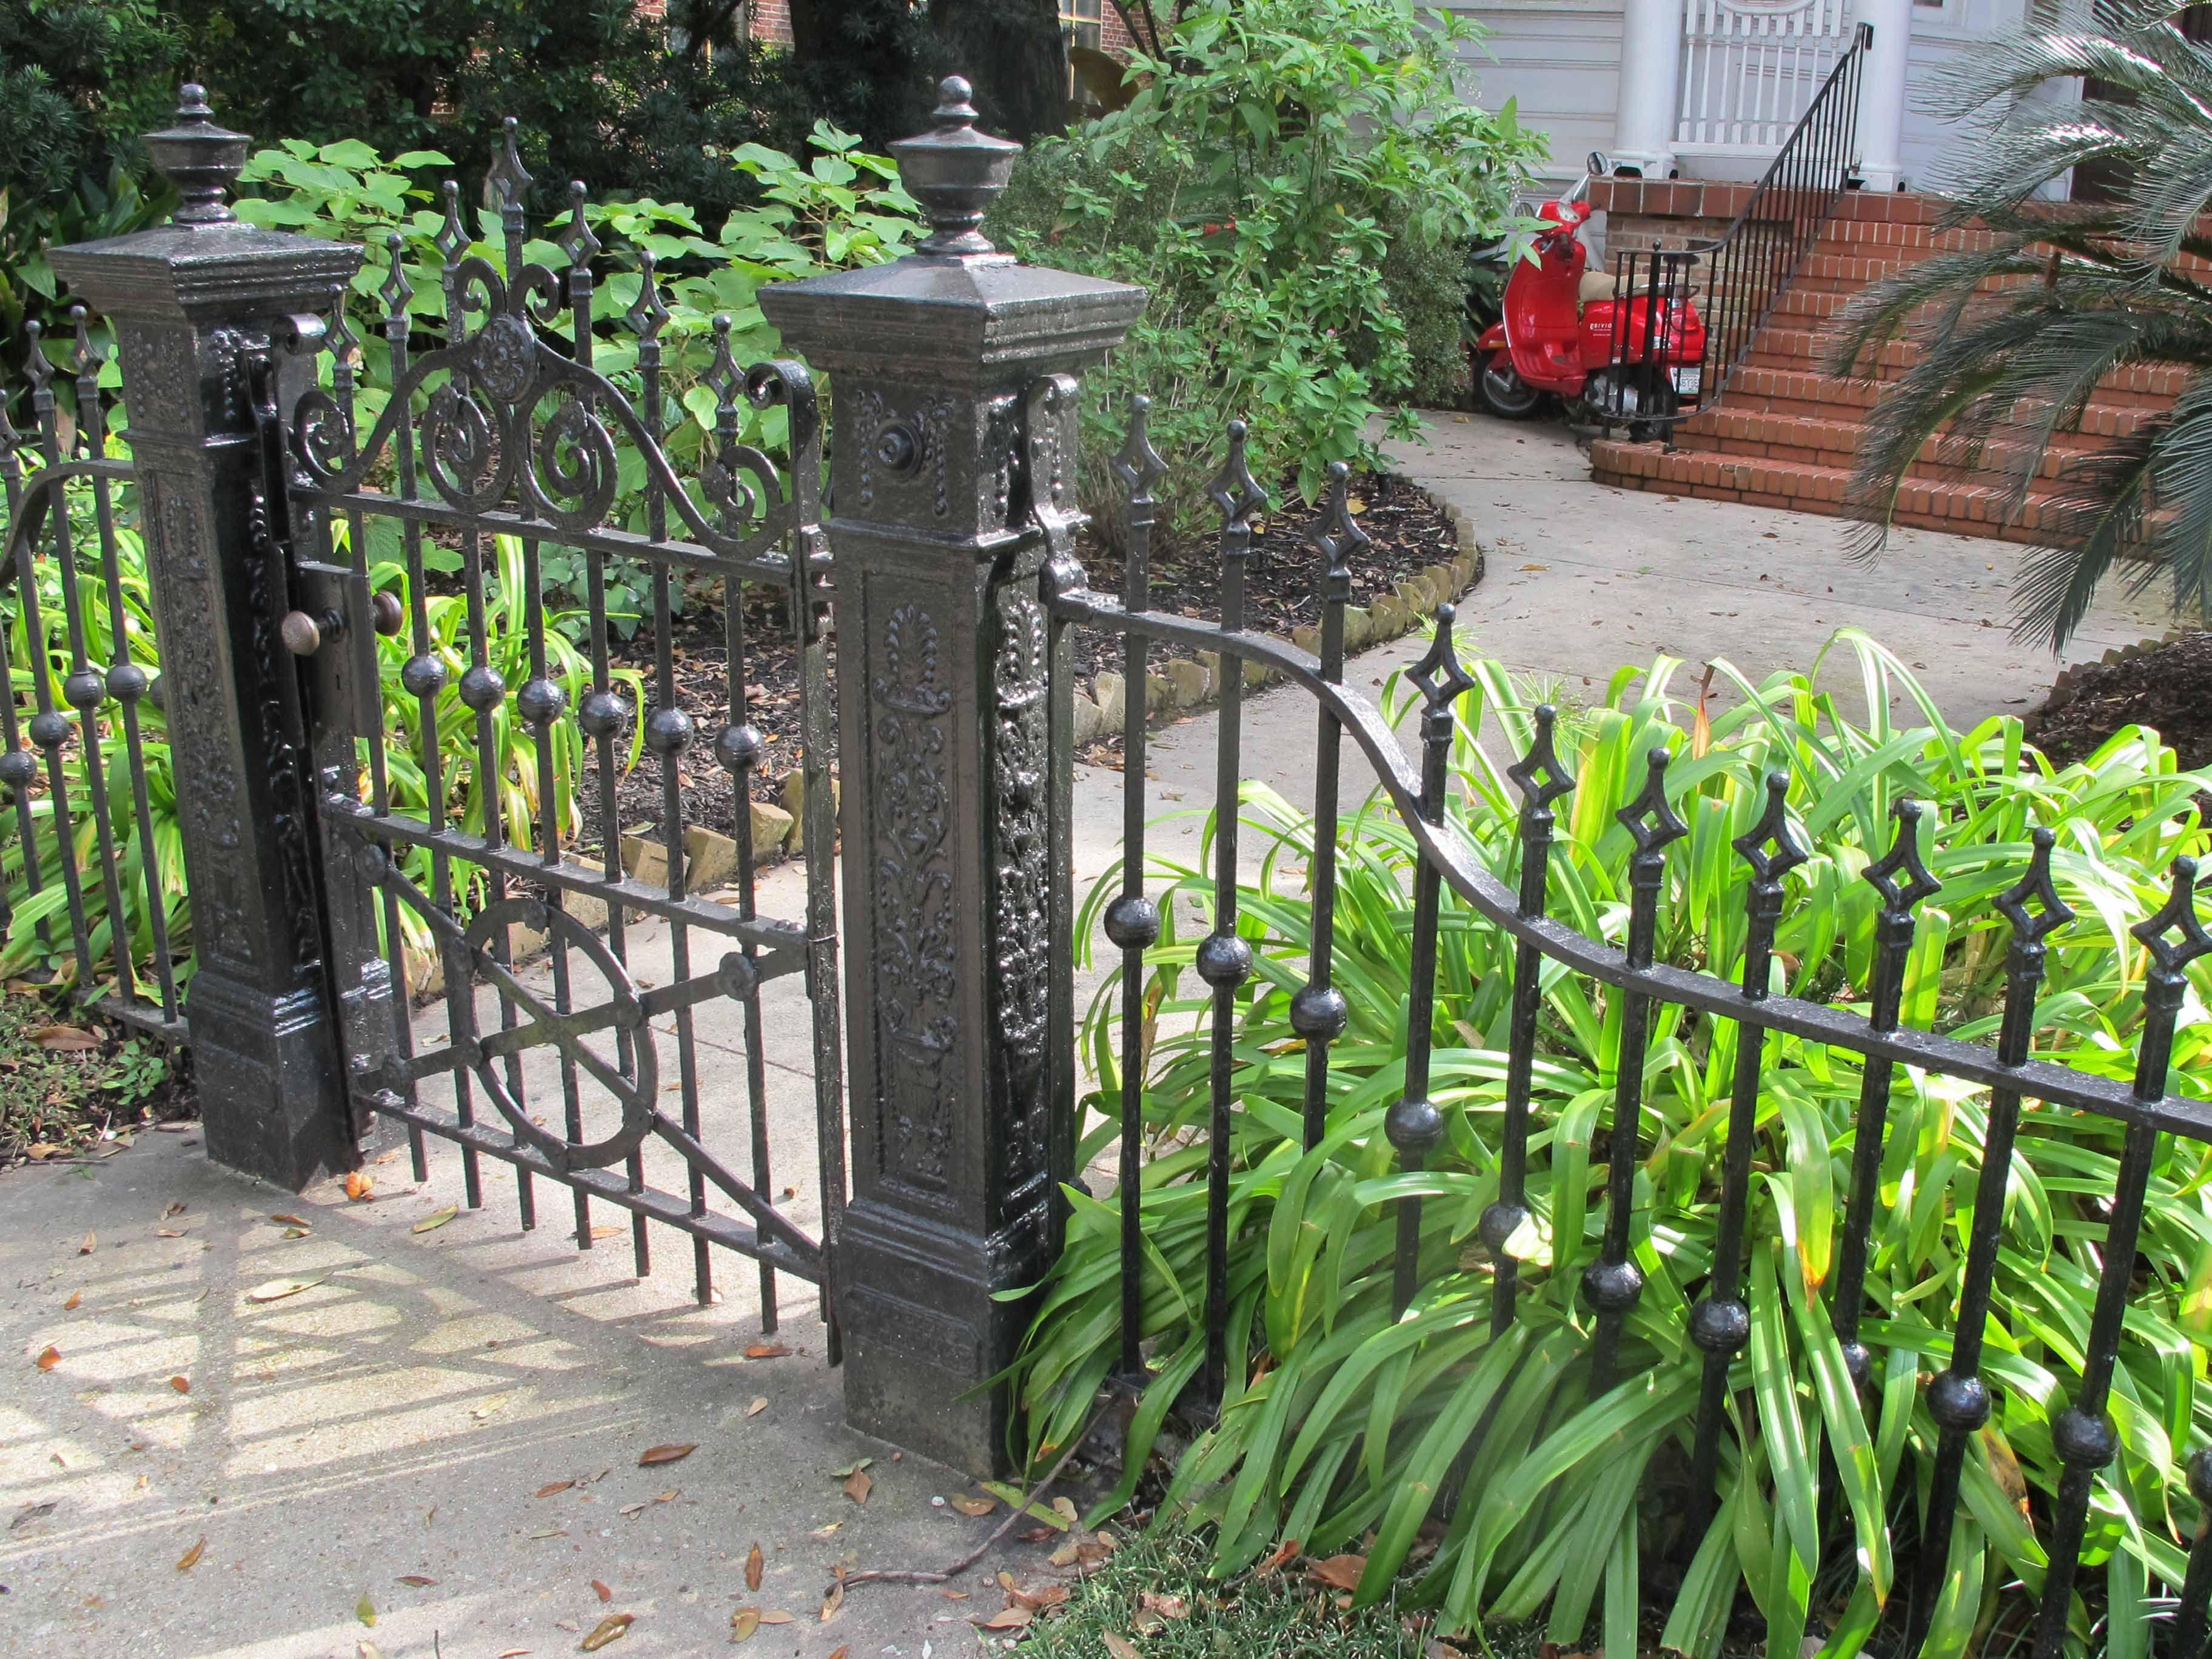 Enchanting Wrought Iron Gates And Fences Chicago Il And Wrought Iron Fences  And Gates Orange County